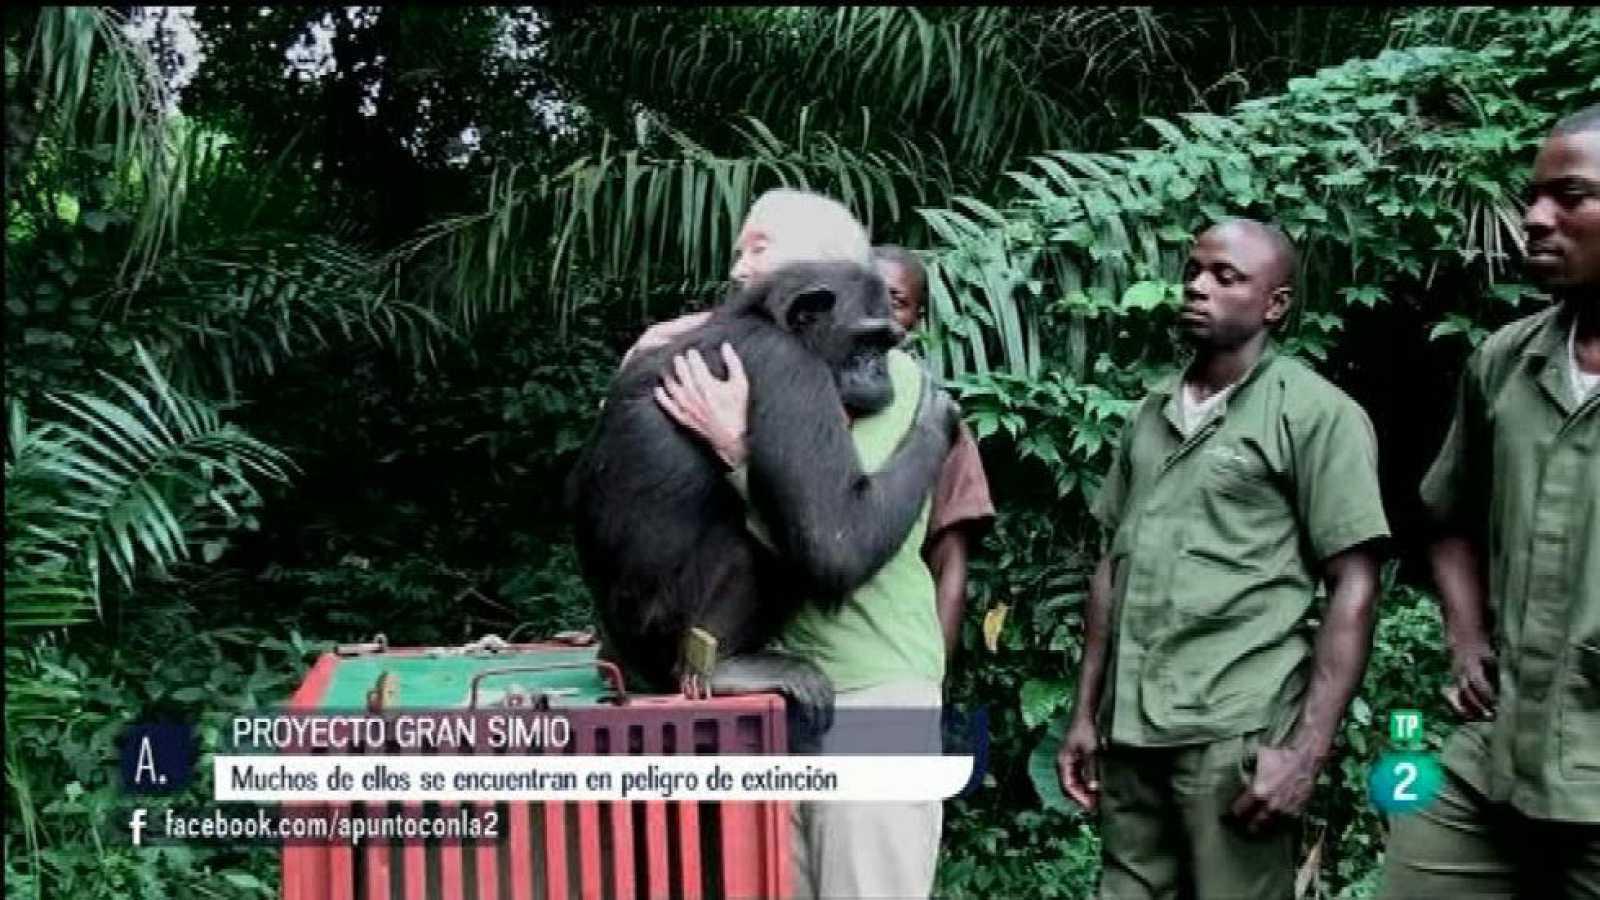 A punto con La 2 - Proyectos solidarios - Derechos de los simios